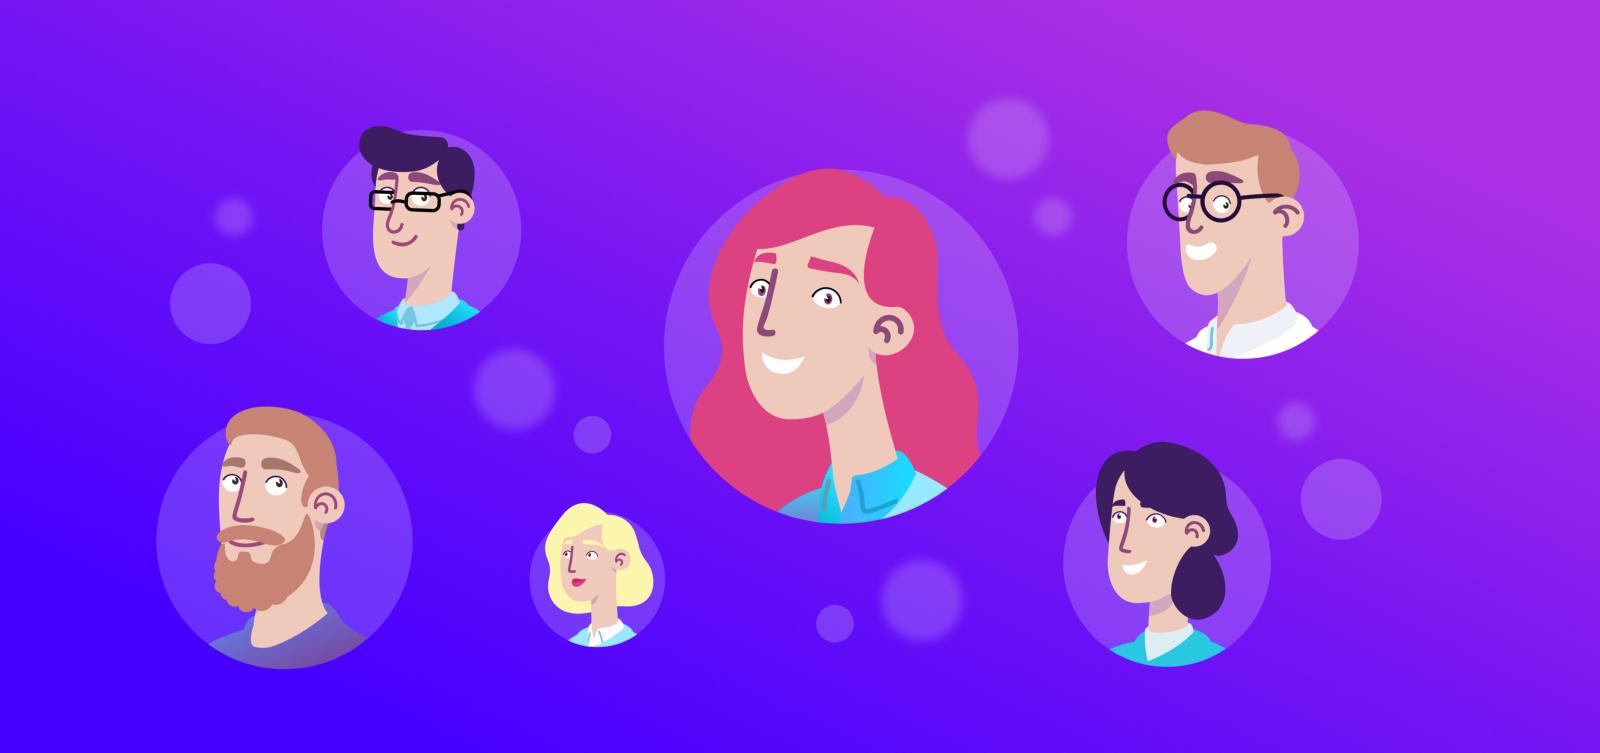 Команда мечты: как мы снимаем напряжение и сближаем людей